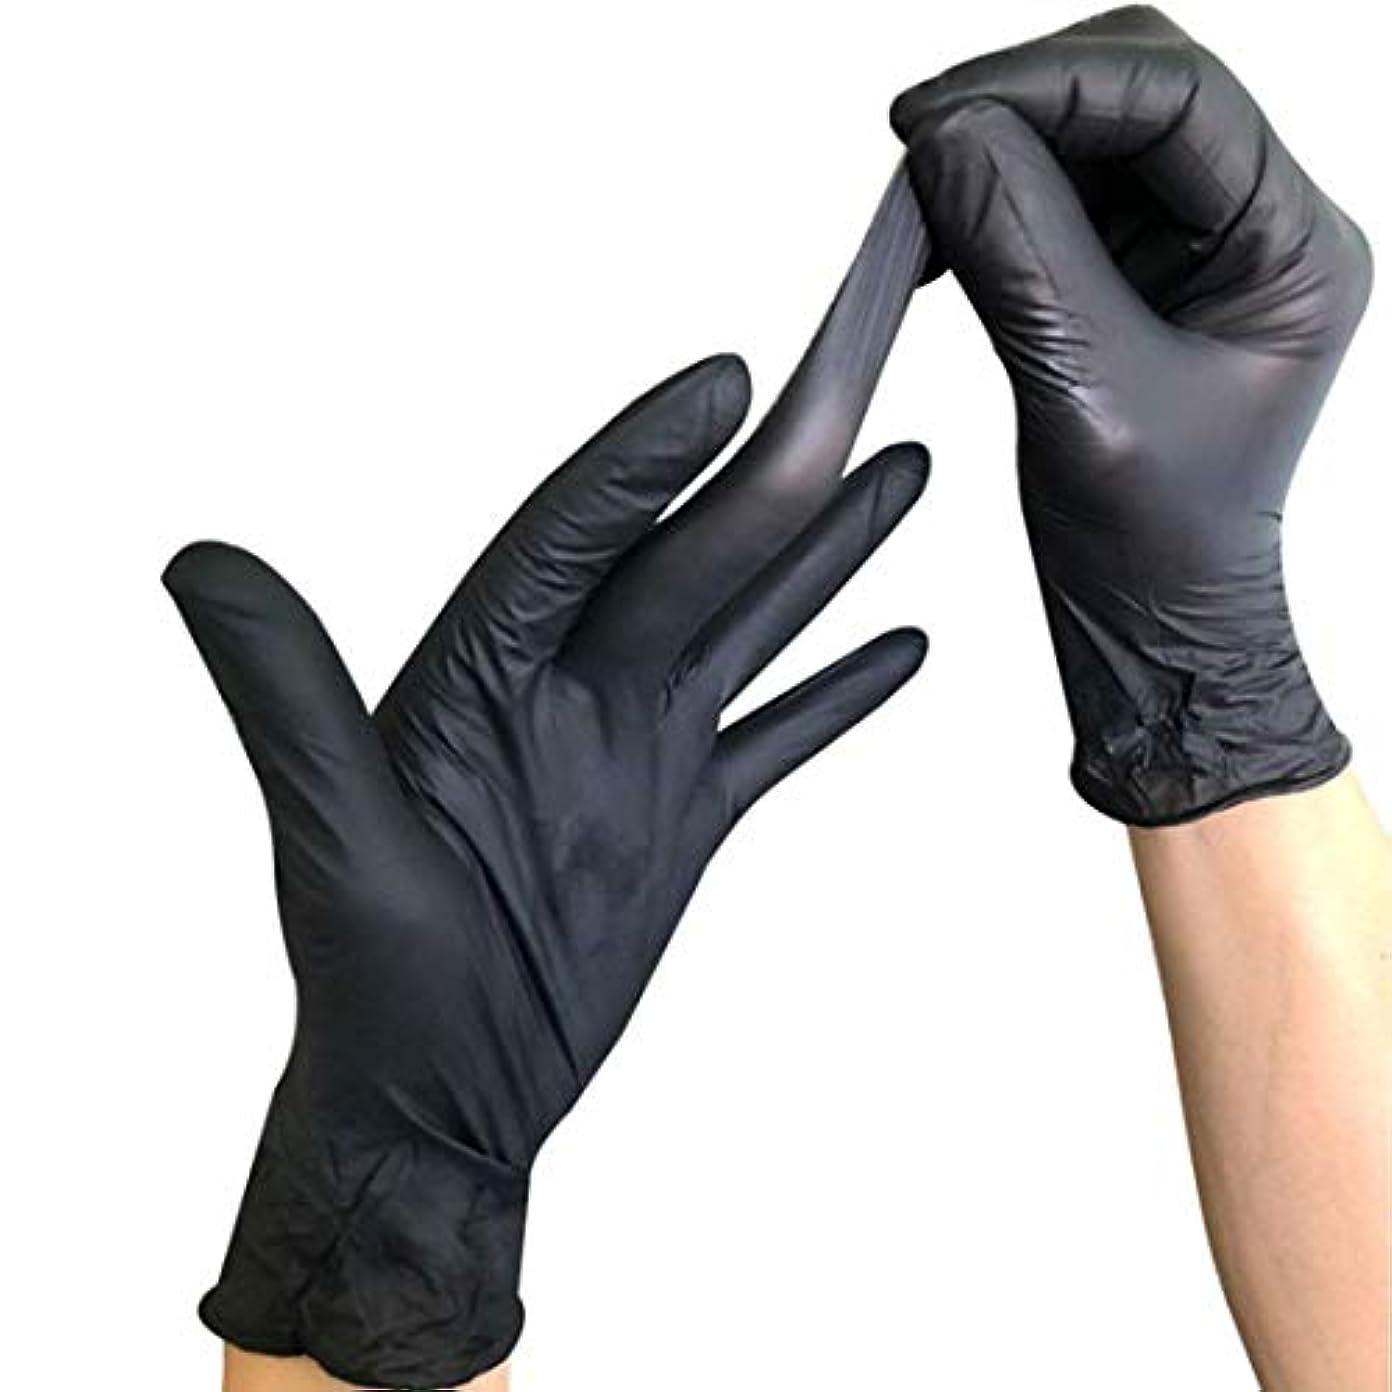 気球リル農民使い捨て手袋 ニトリル手袋 厚手防水 耐油 耐久性が強い上に軽く高品質黒 100枚